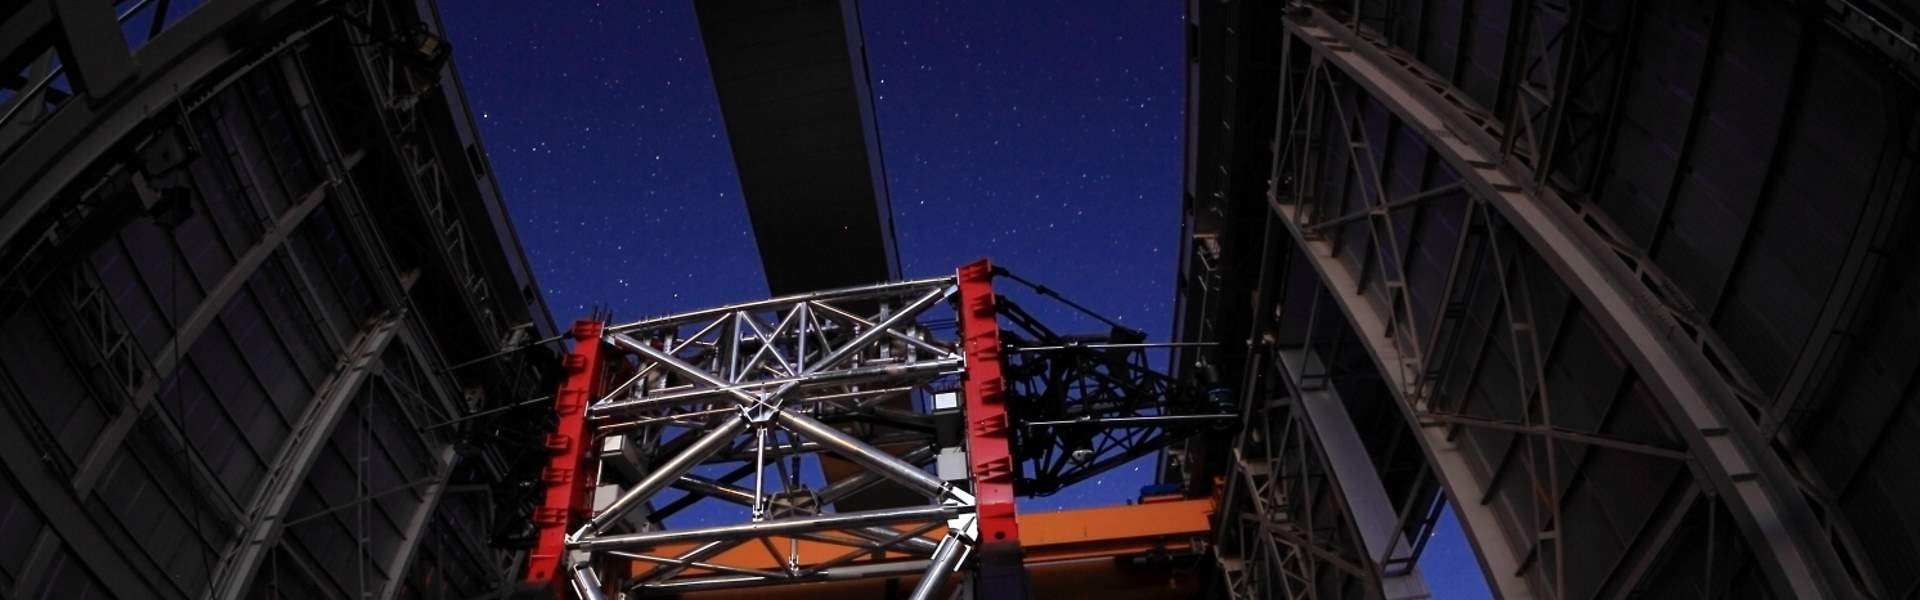 Wie künstliche Intelligenz Astronomen bei der Arbeit hilft